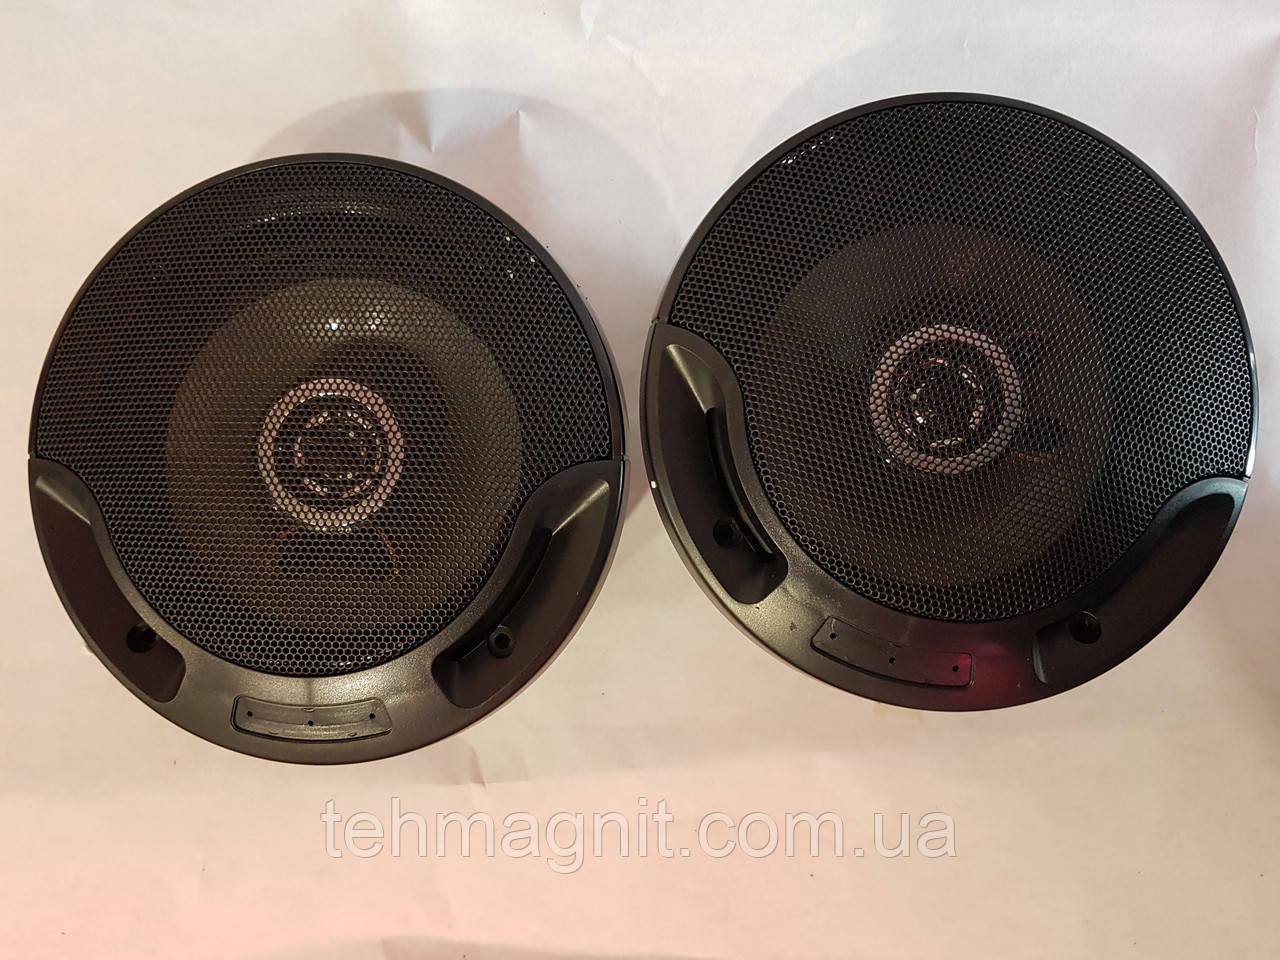 Автомобильная акустика, колонки Pioneer SP-1642 ( 16 СМ)